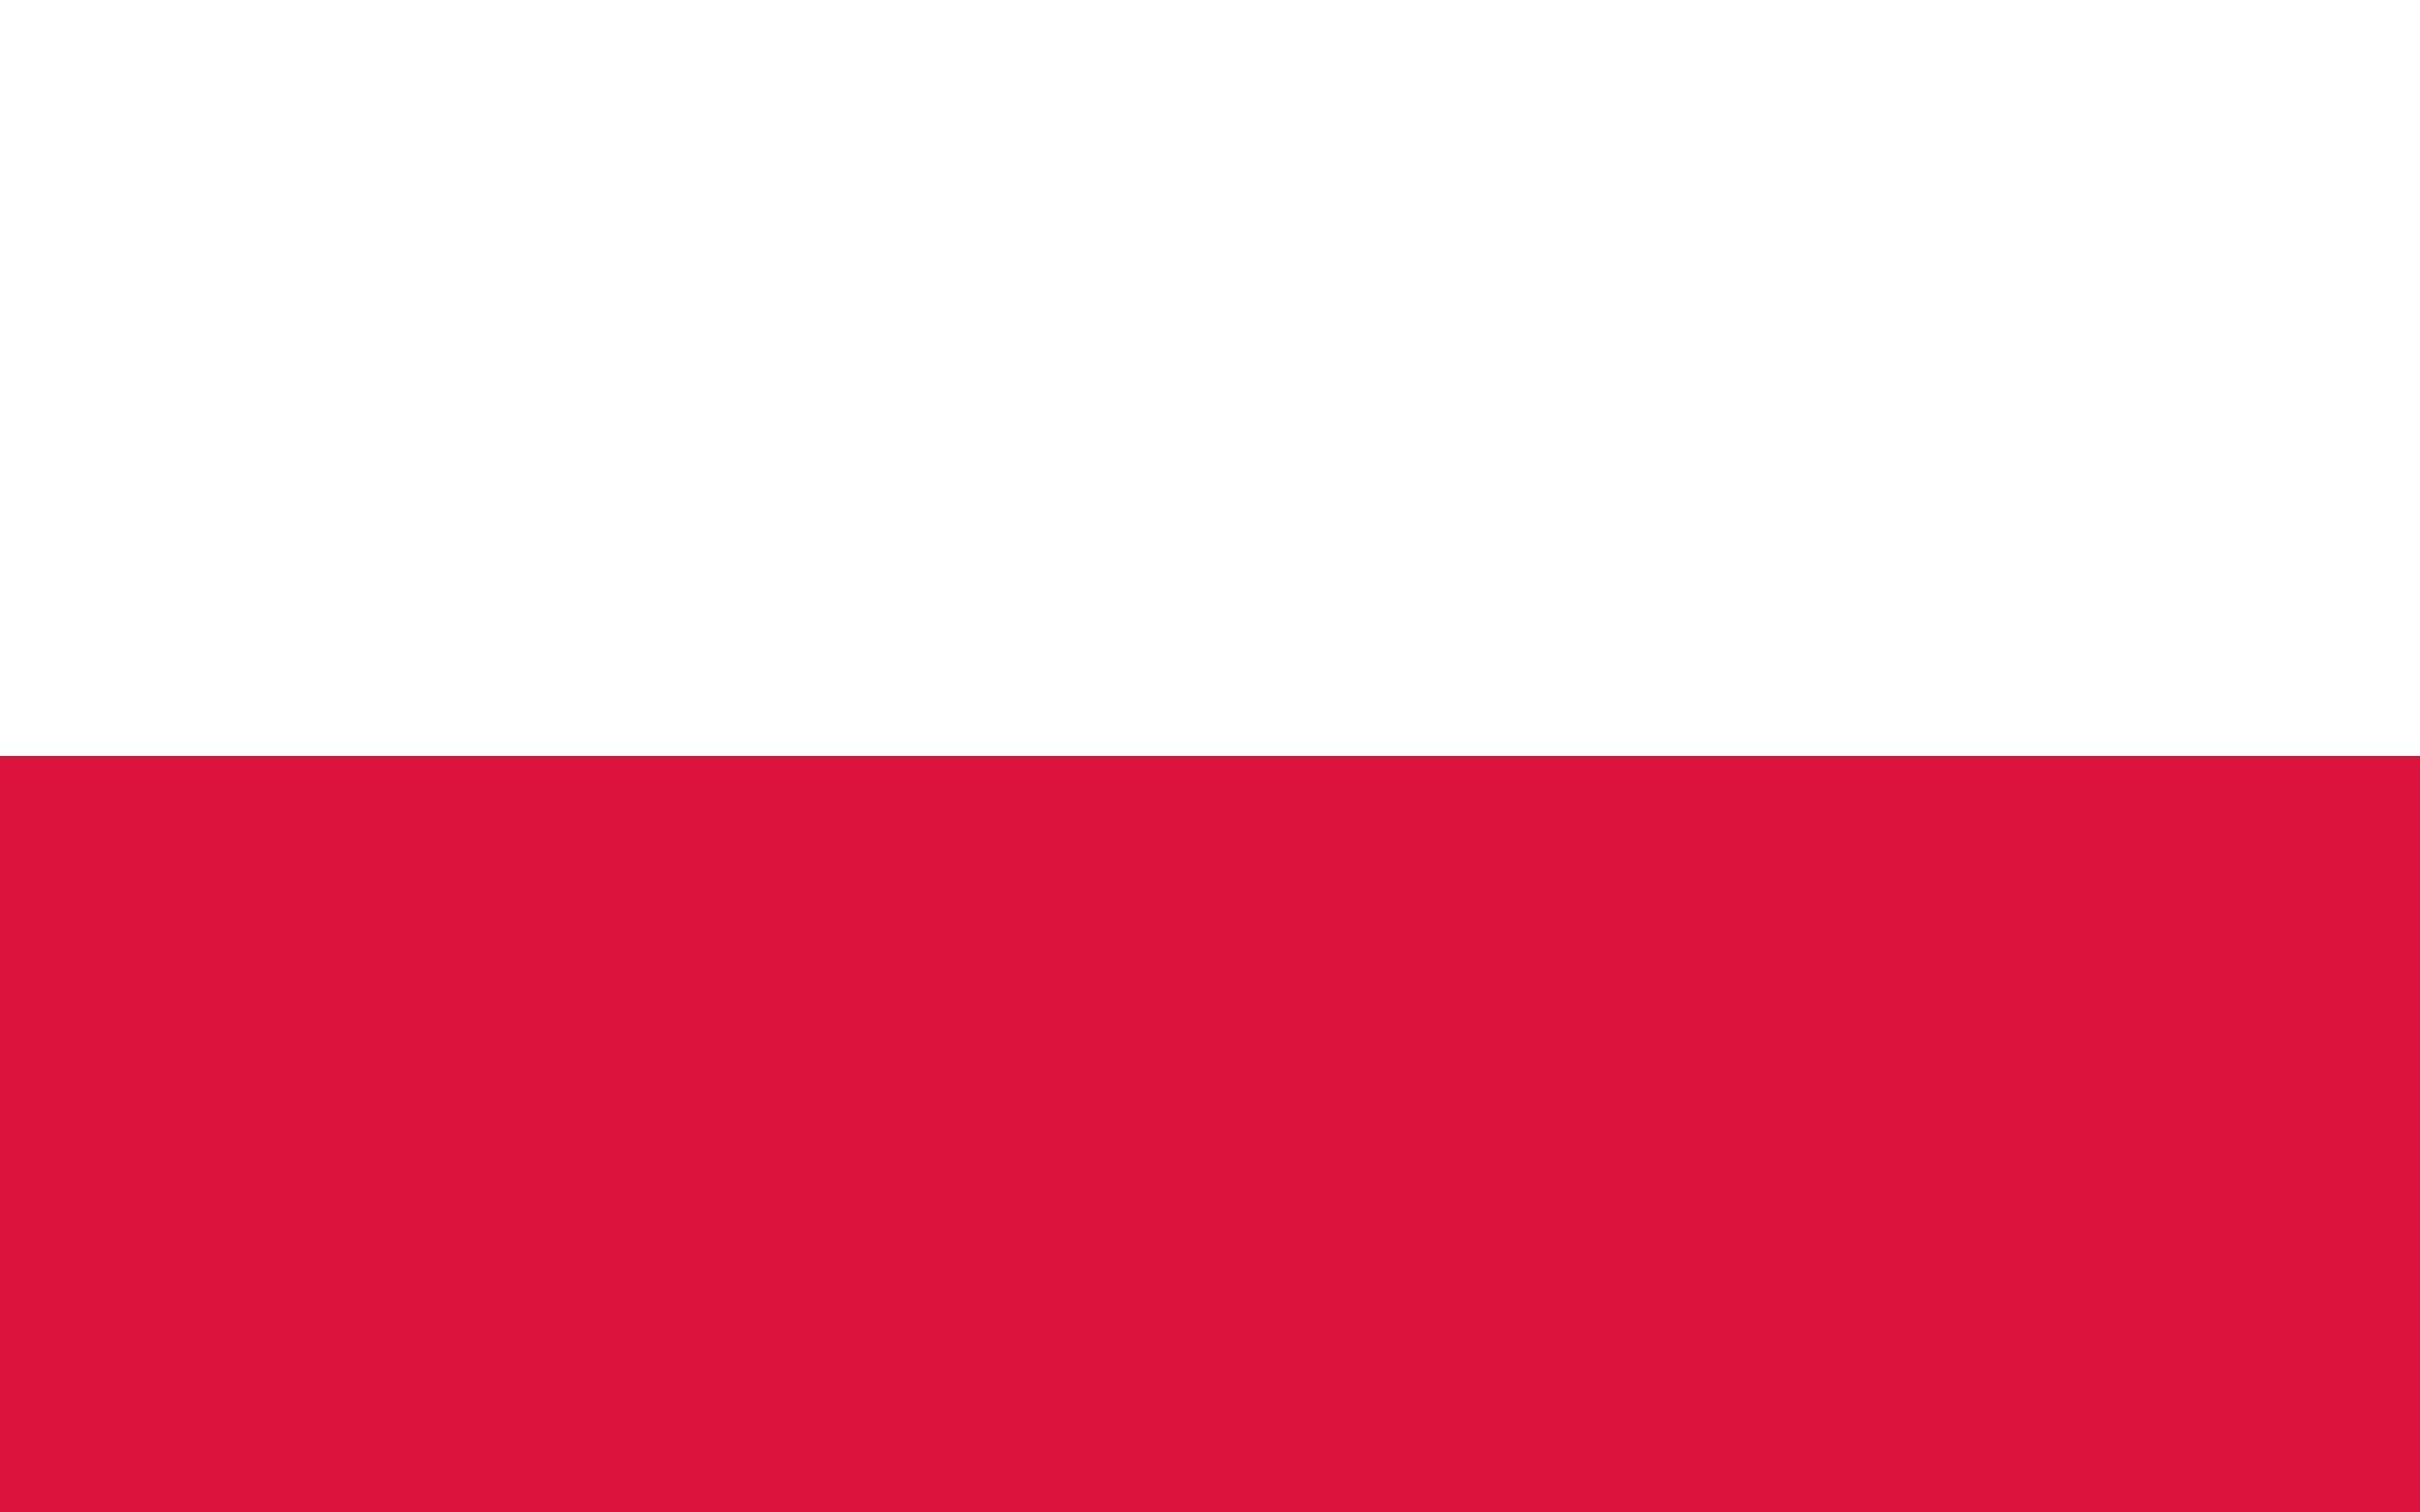 Poland Countries Flag Wallpaper HD 7288   Ongur 2560x1600